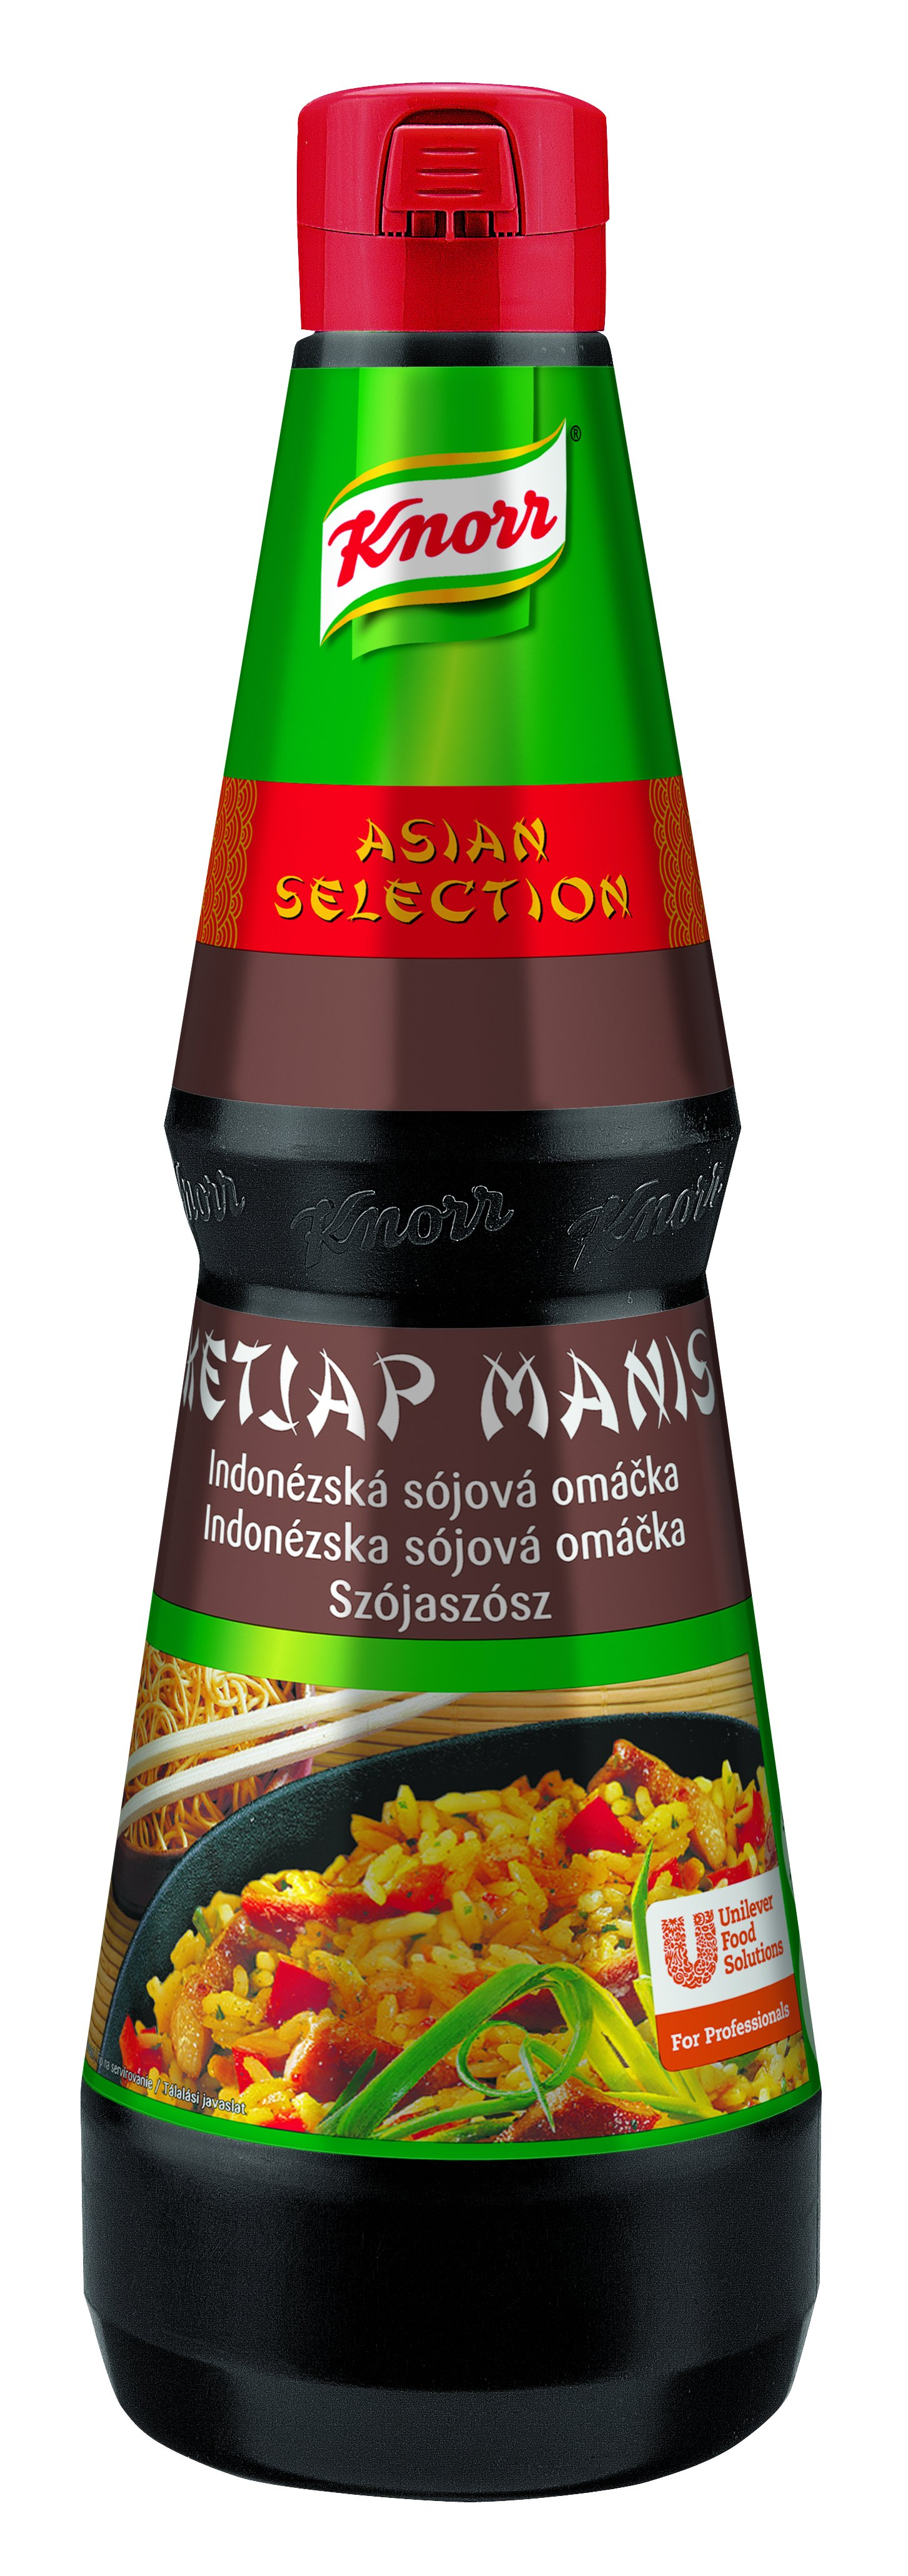 Knorr Ketjap Manis sójová omáčka 1L -